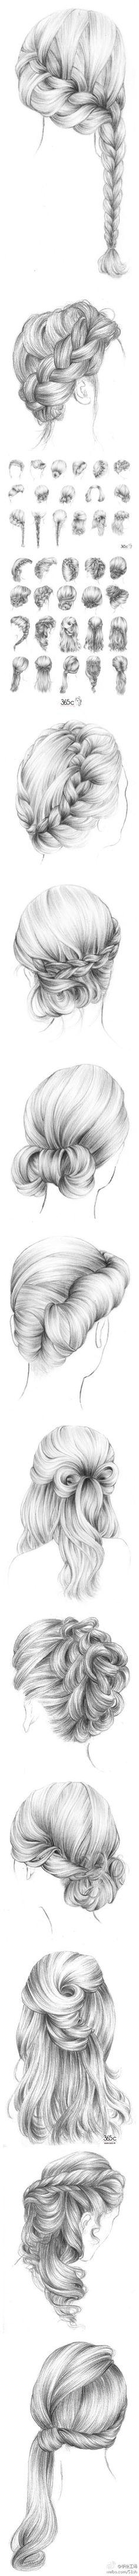 【绘画素材】步骤 教程 #治愈系# #小清新# 头发 #素描#